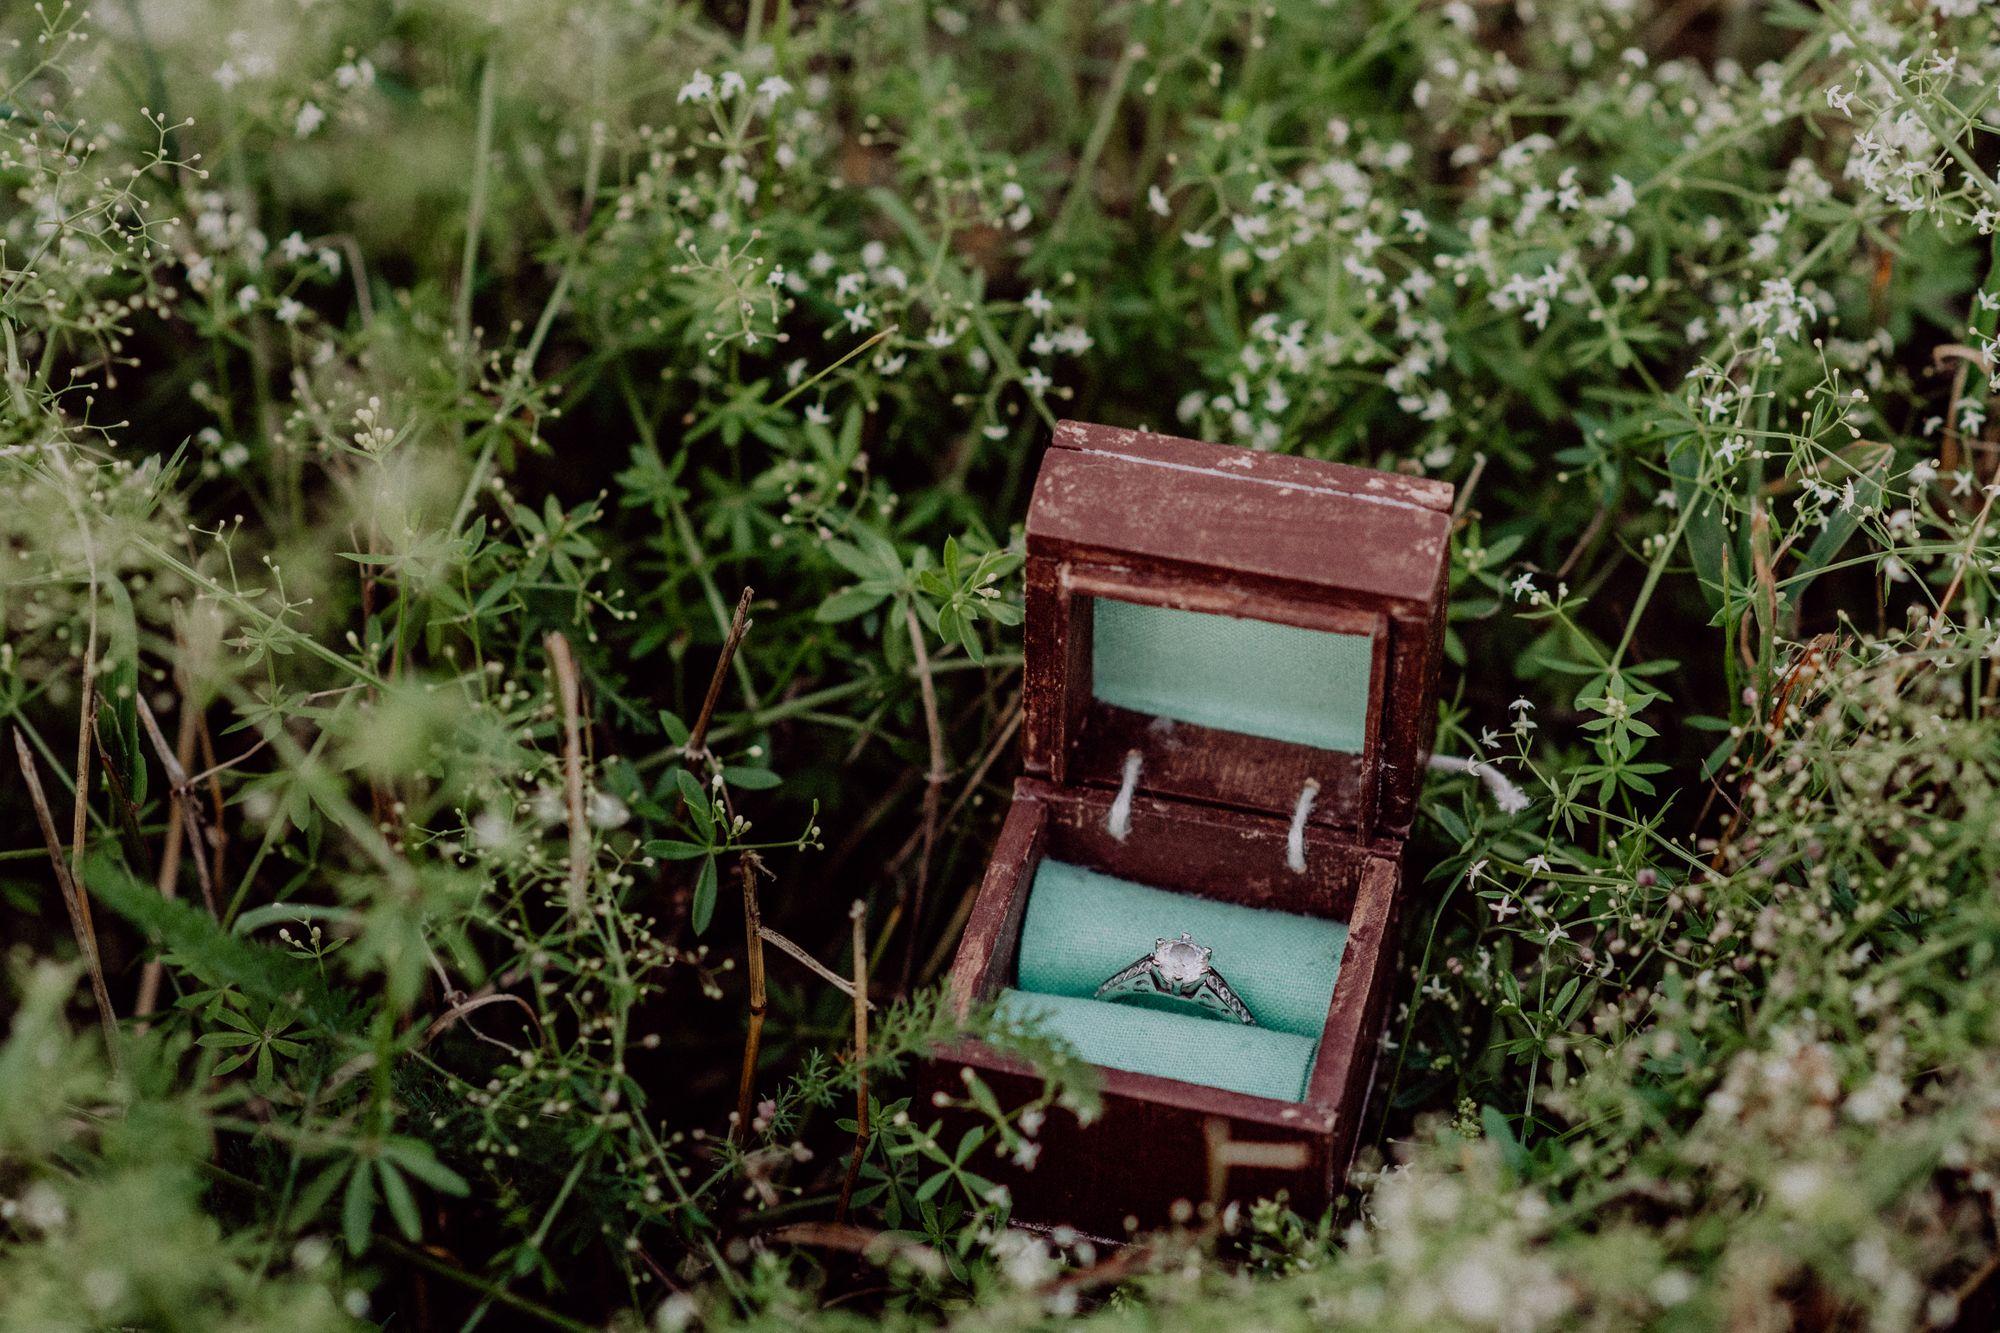 Verlobungsring in einer Schatulle aus Holz